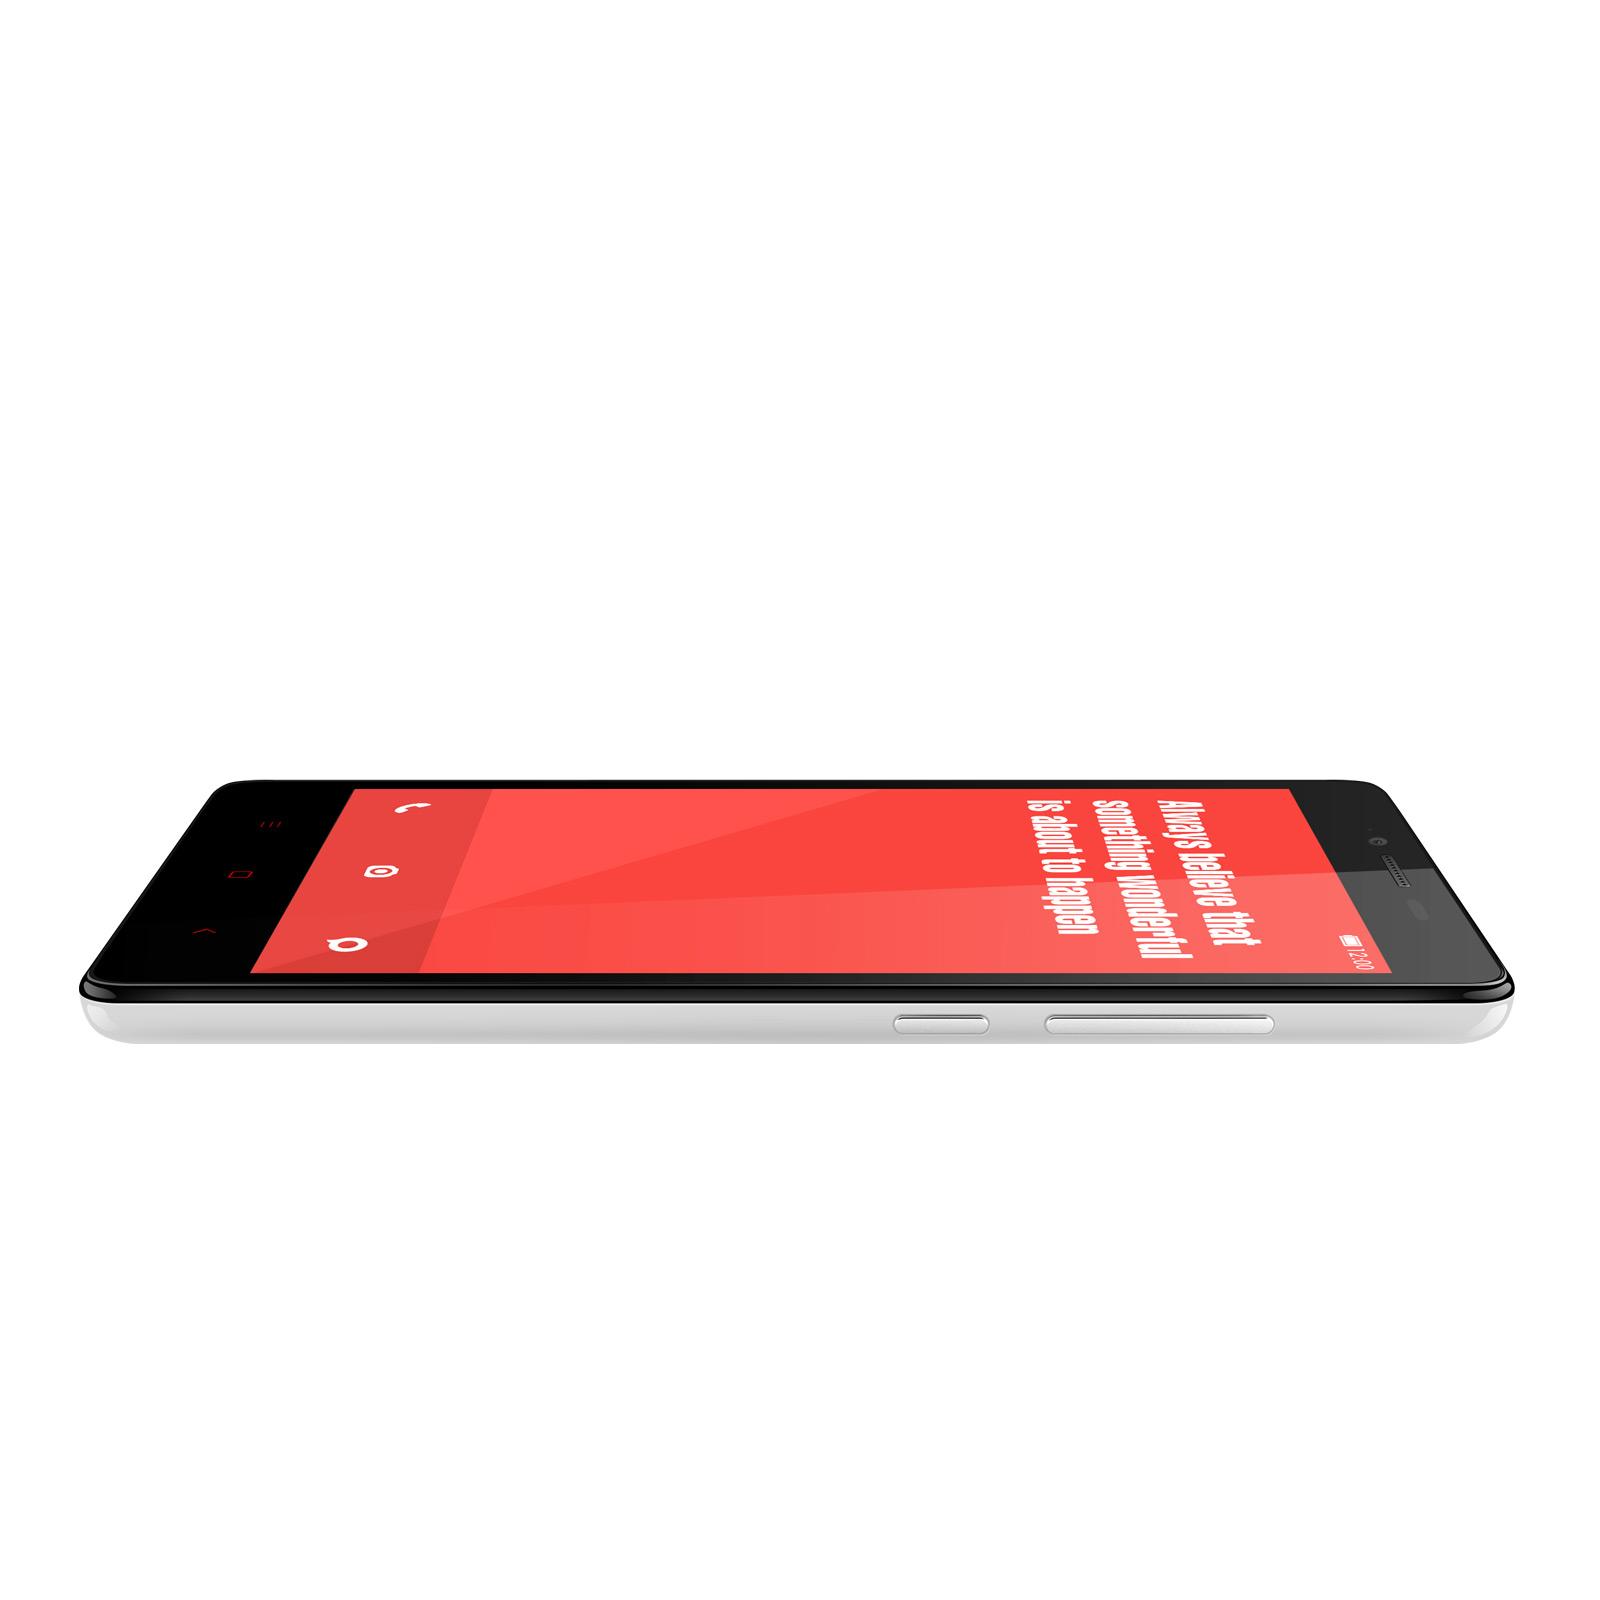 Xiaomi Redmi Note Mi India 3g White